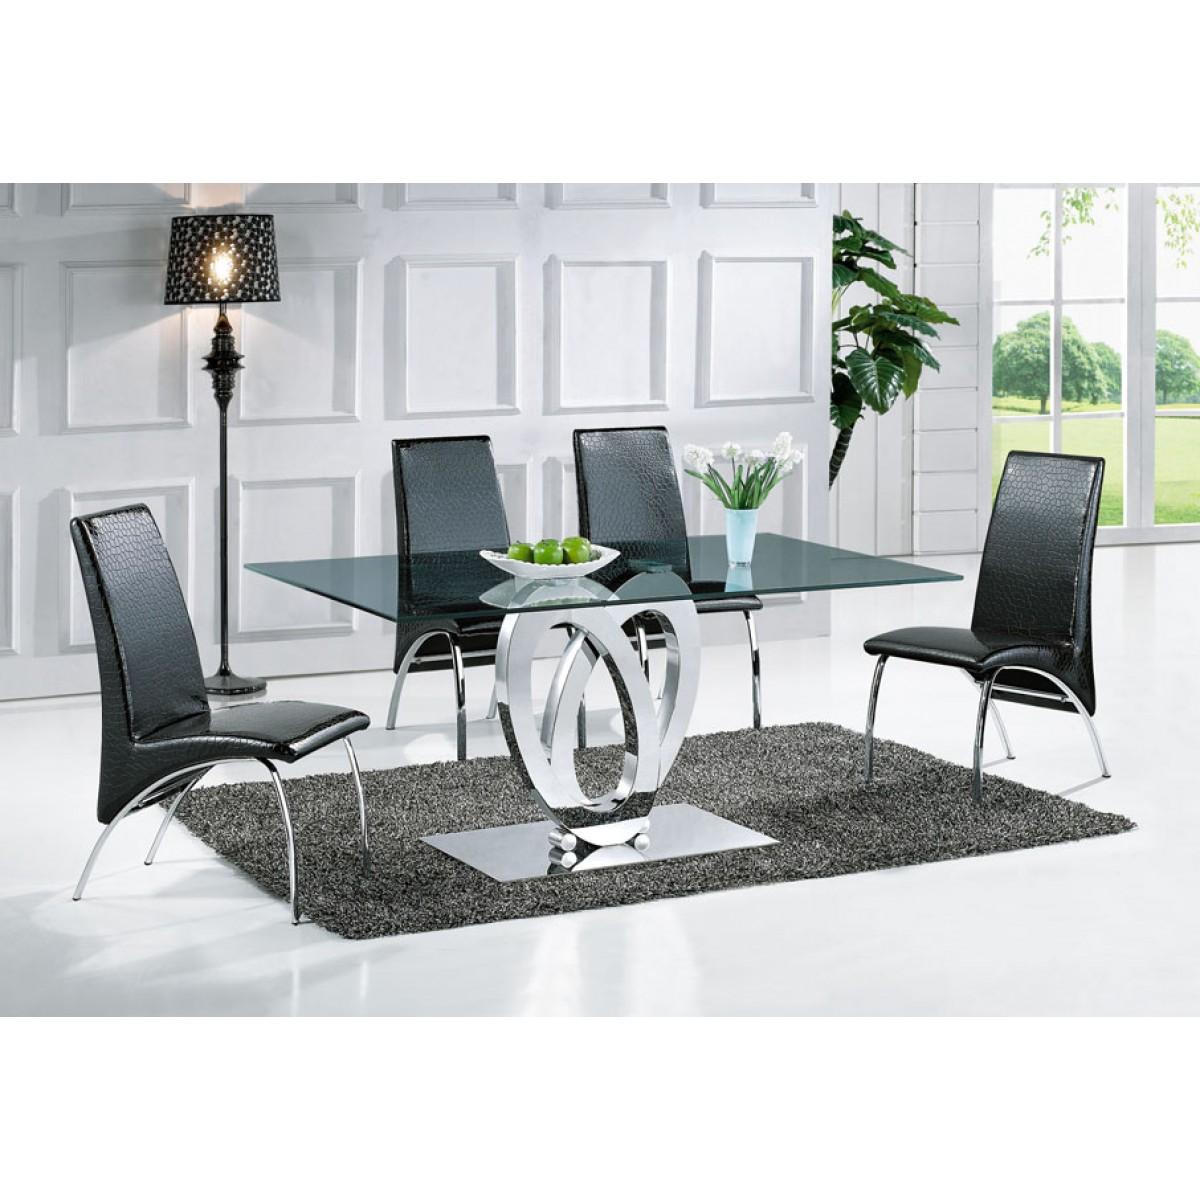 Table de salle à manger Design Ellipse 160x90 verre fumé ...